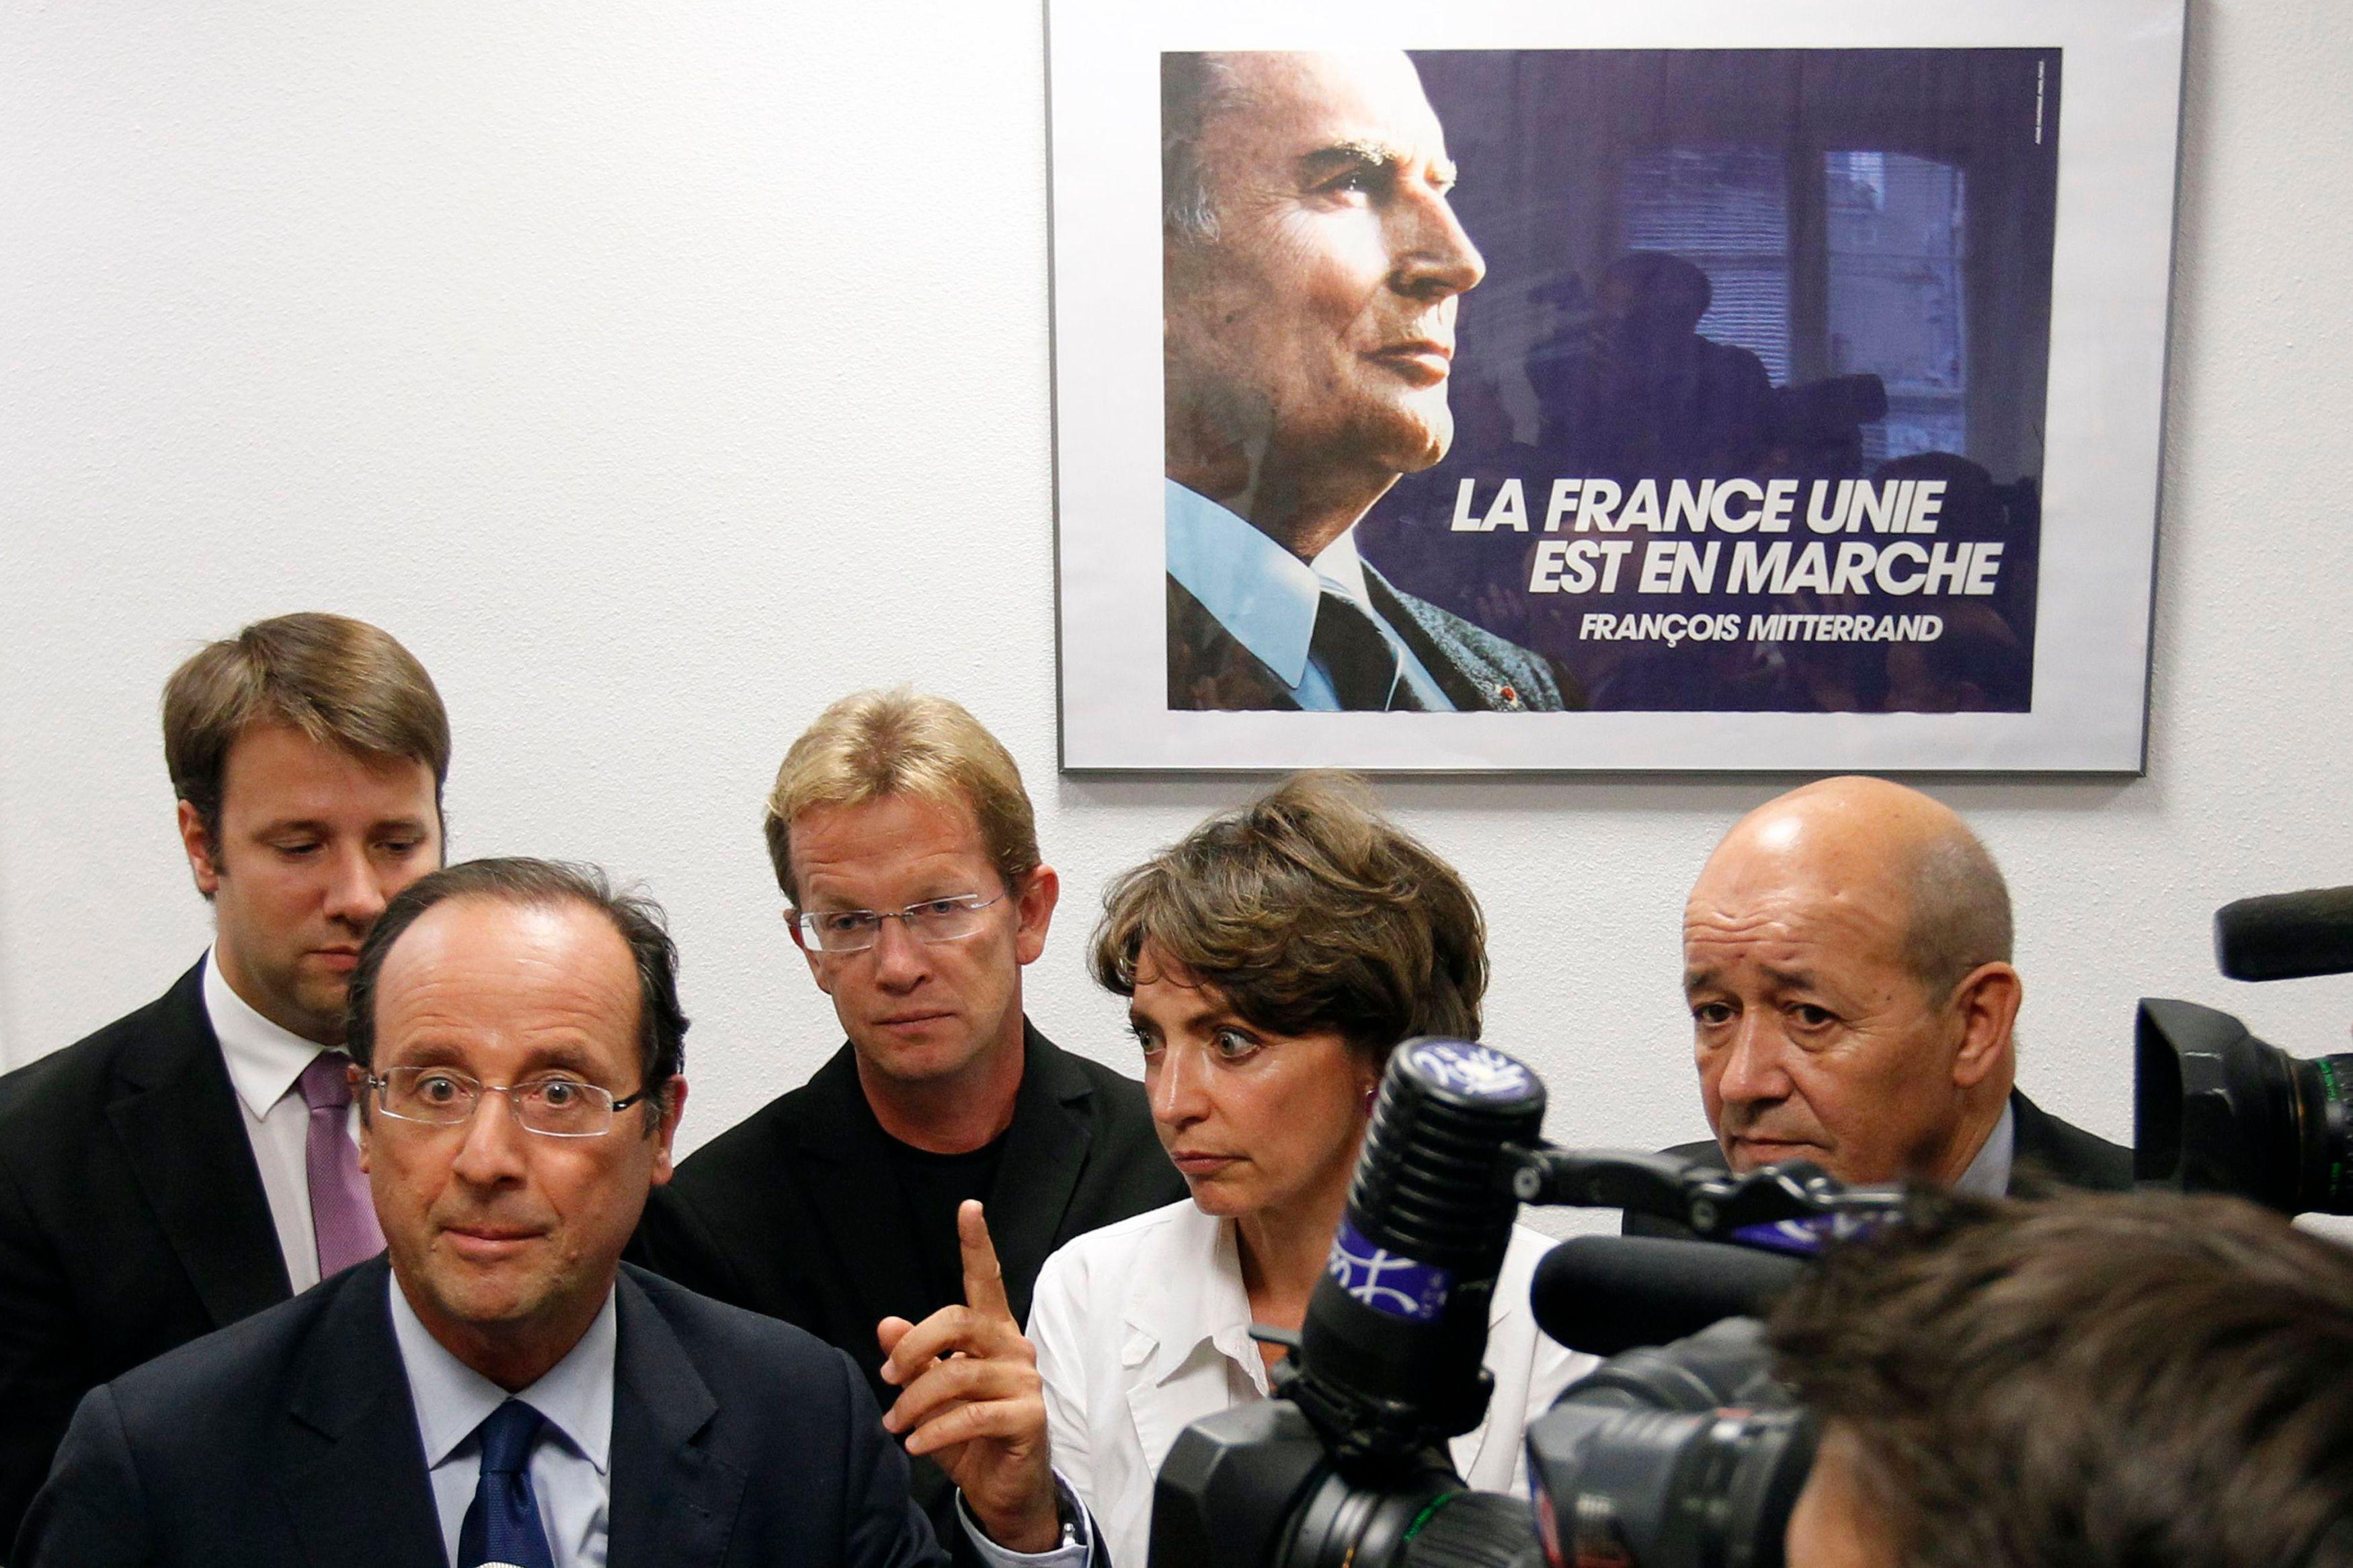 François Mitterrand et François Hollande ont pour point commun d'avoir débuté leur présidence en commettant bon nombre de bourdes économiques et d'erreurs de diagnostic